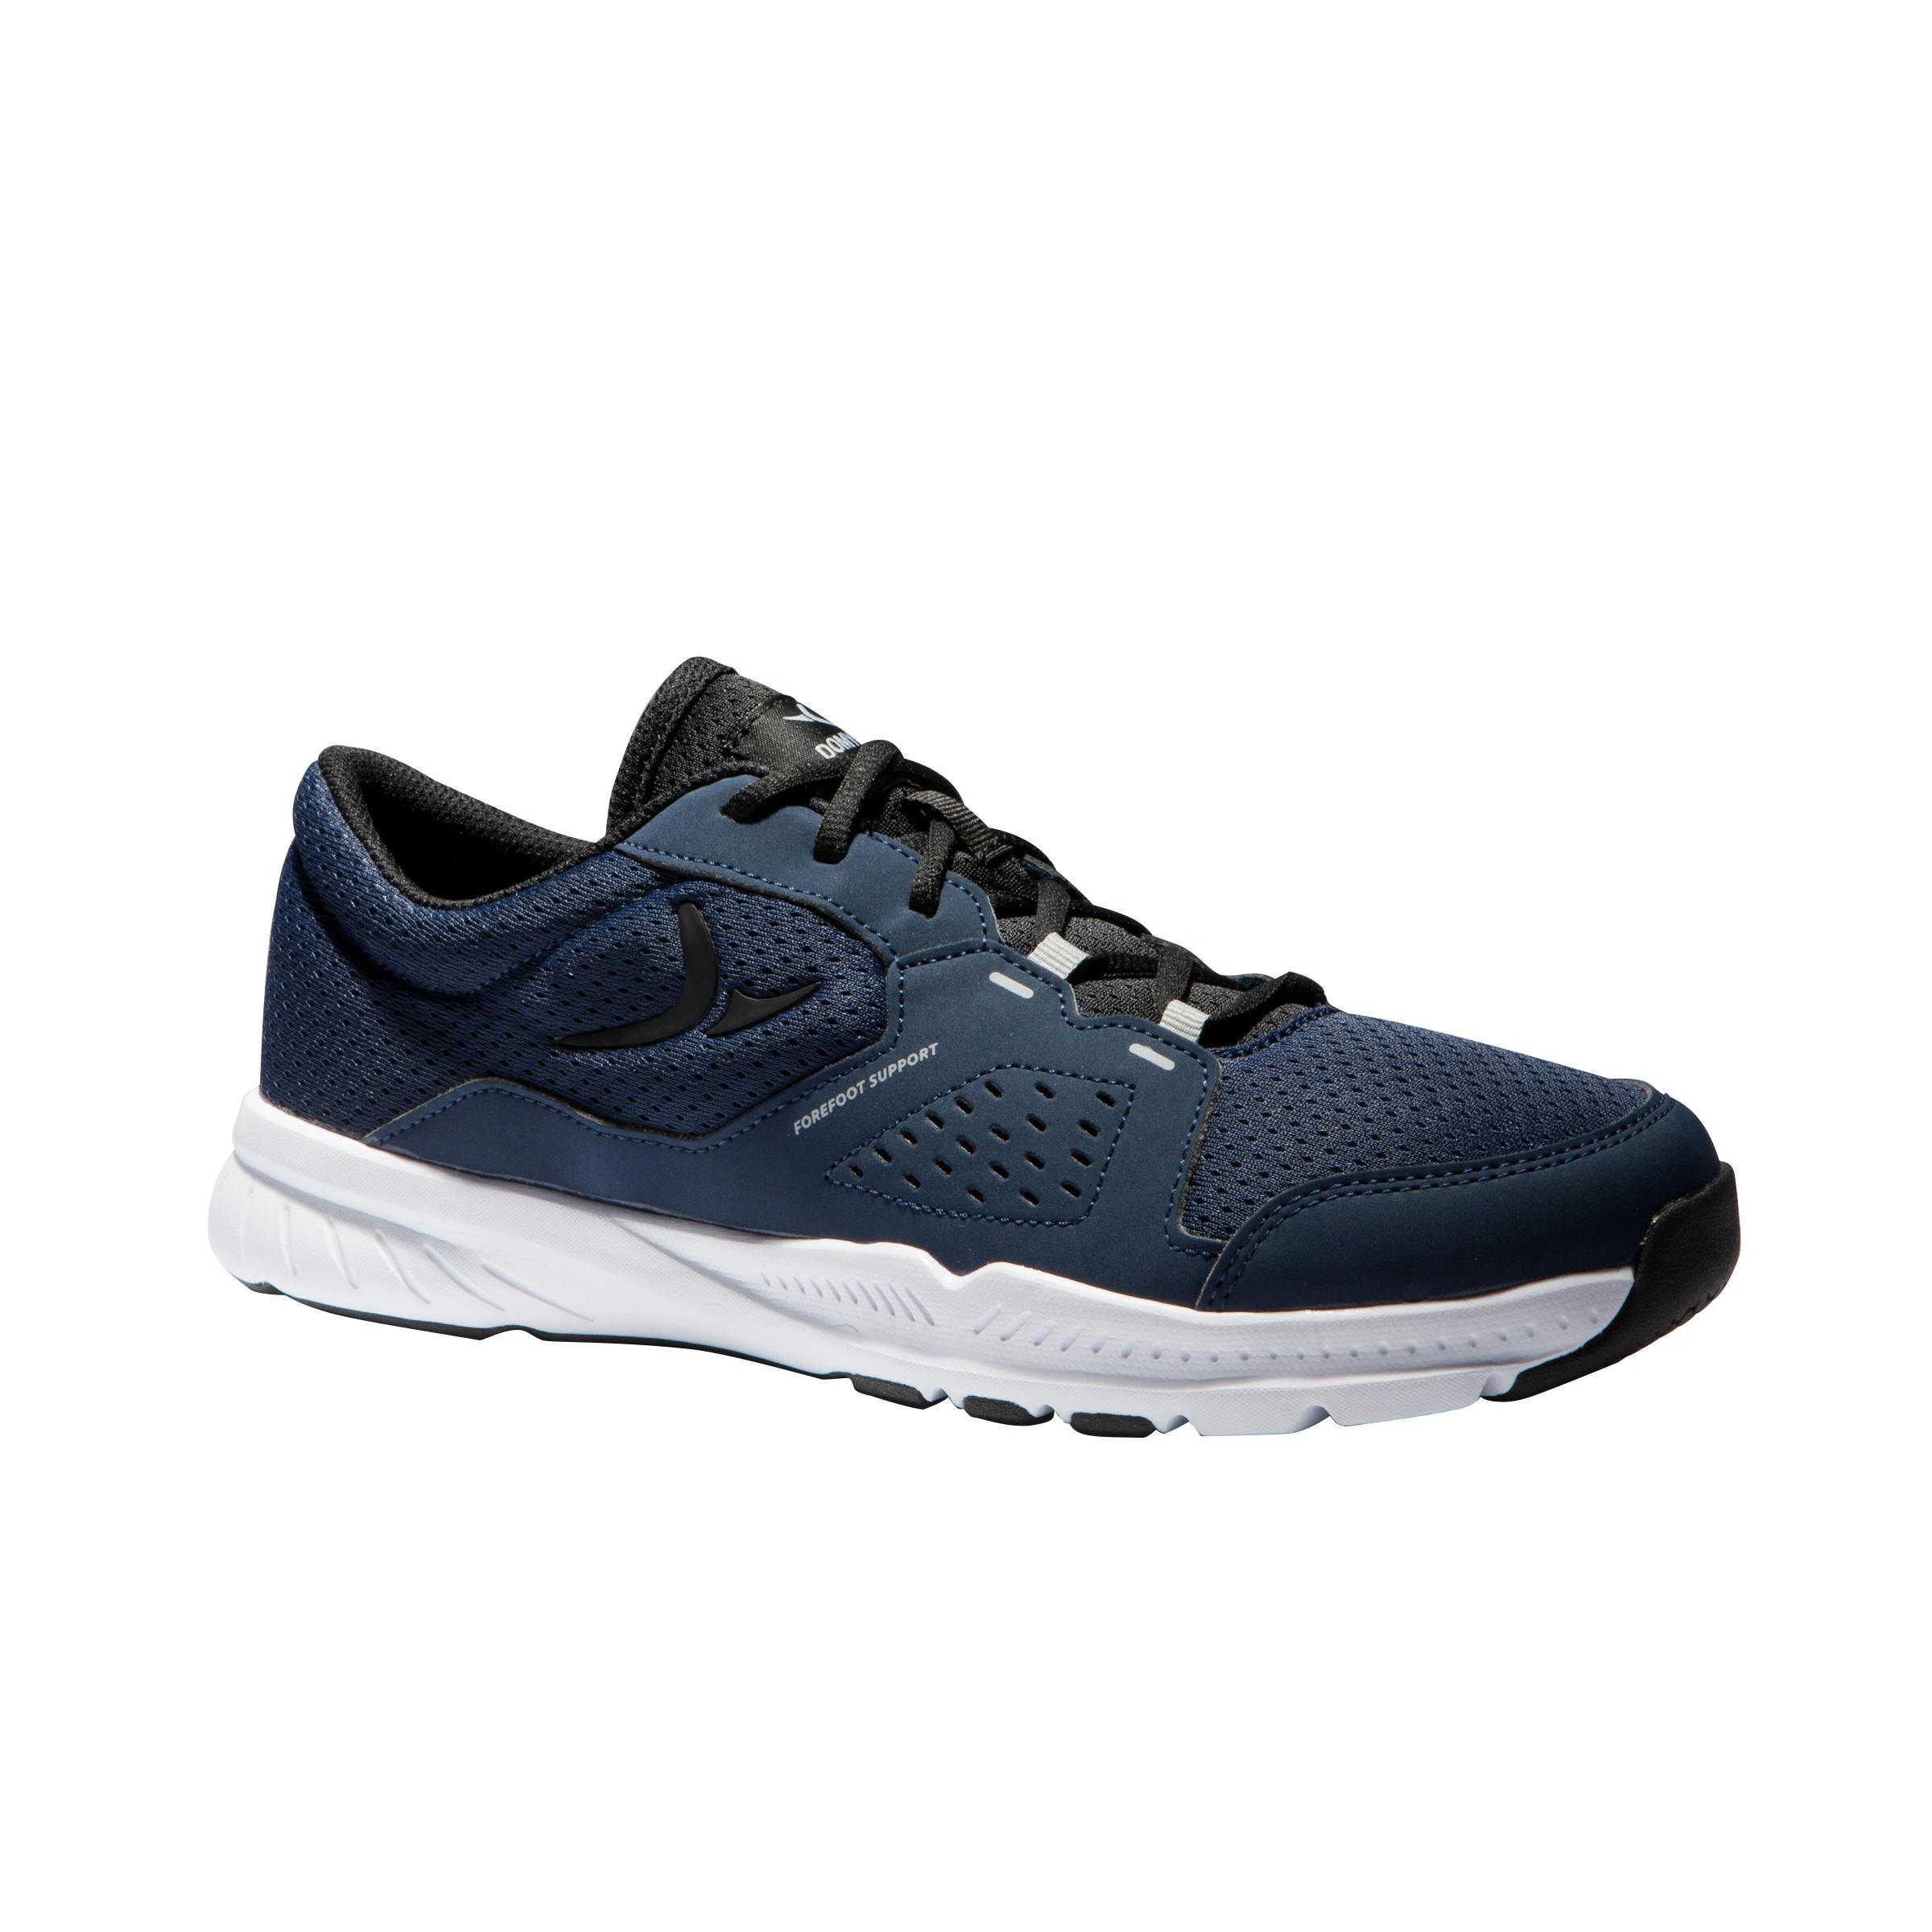 Fitnessschuhe Fitness Cardio 100 Herren schwarz/blau | Schuhe > Sportschuhe > Fitnessschuhe | Domyos